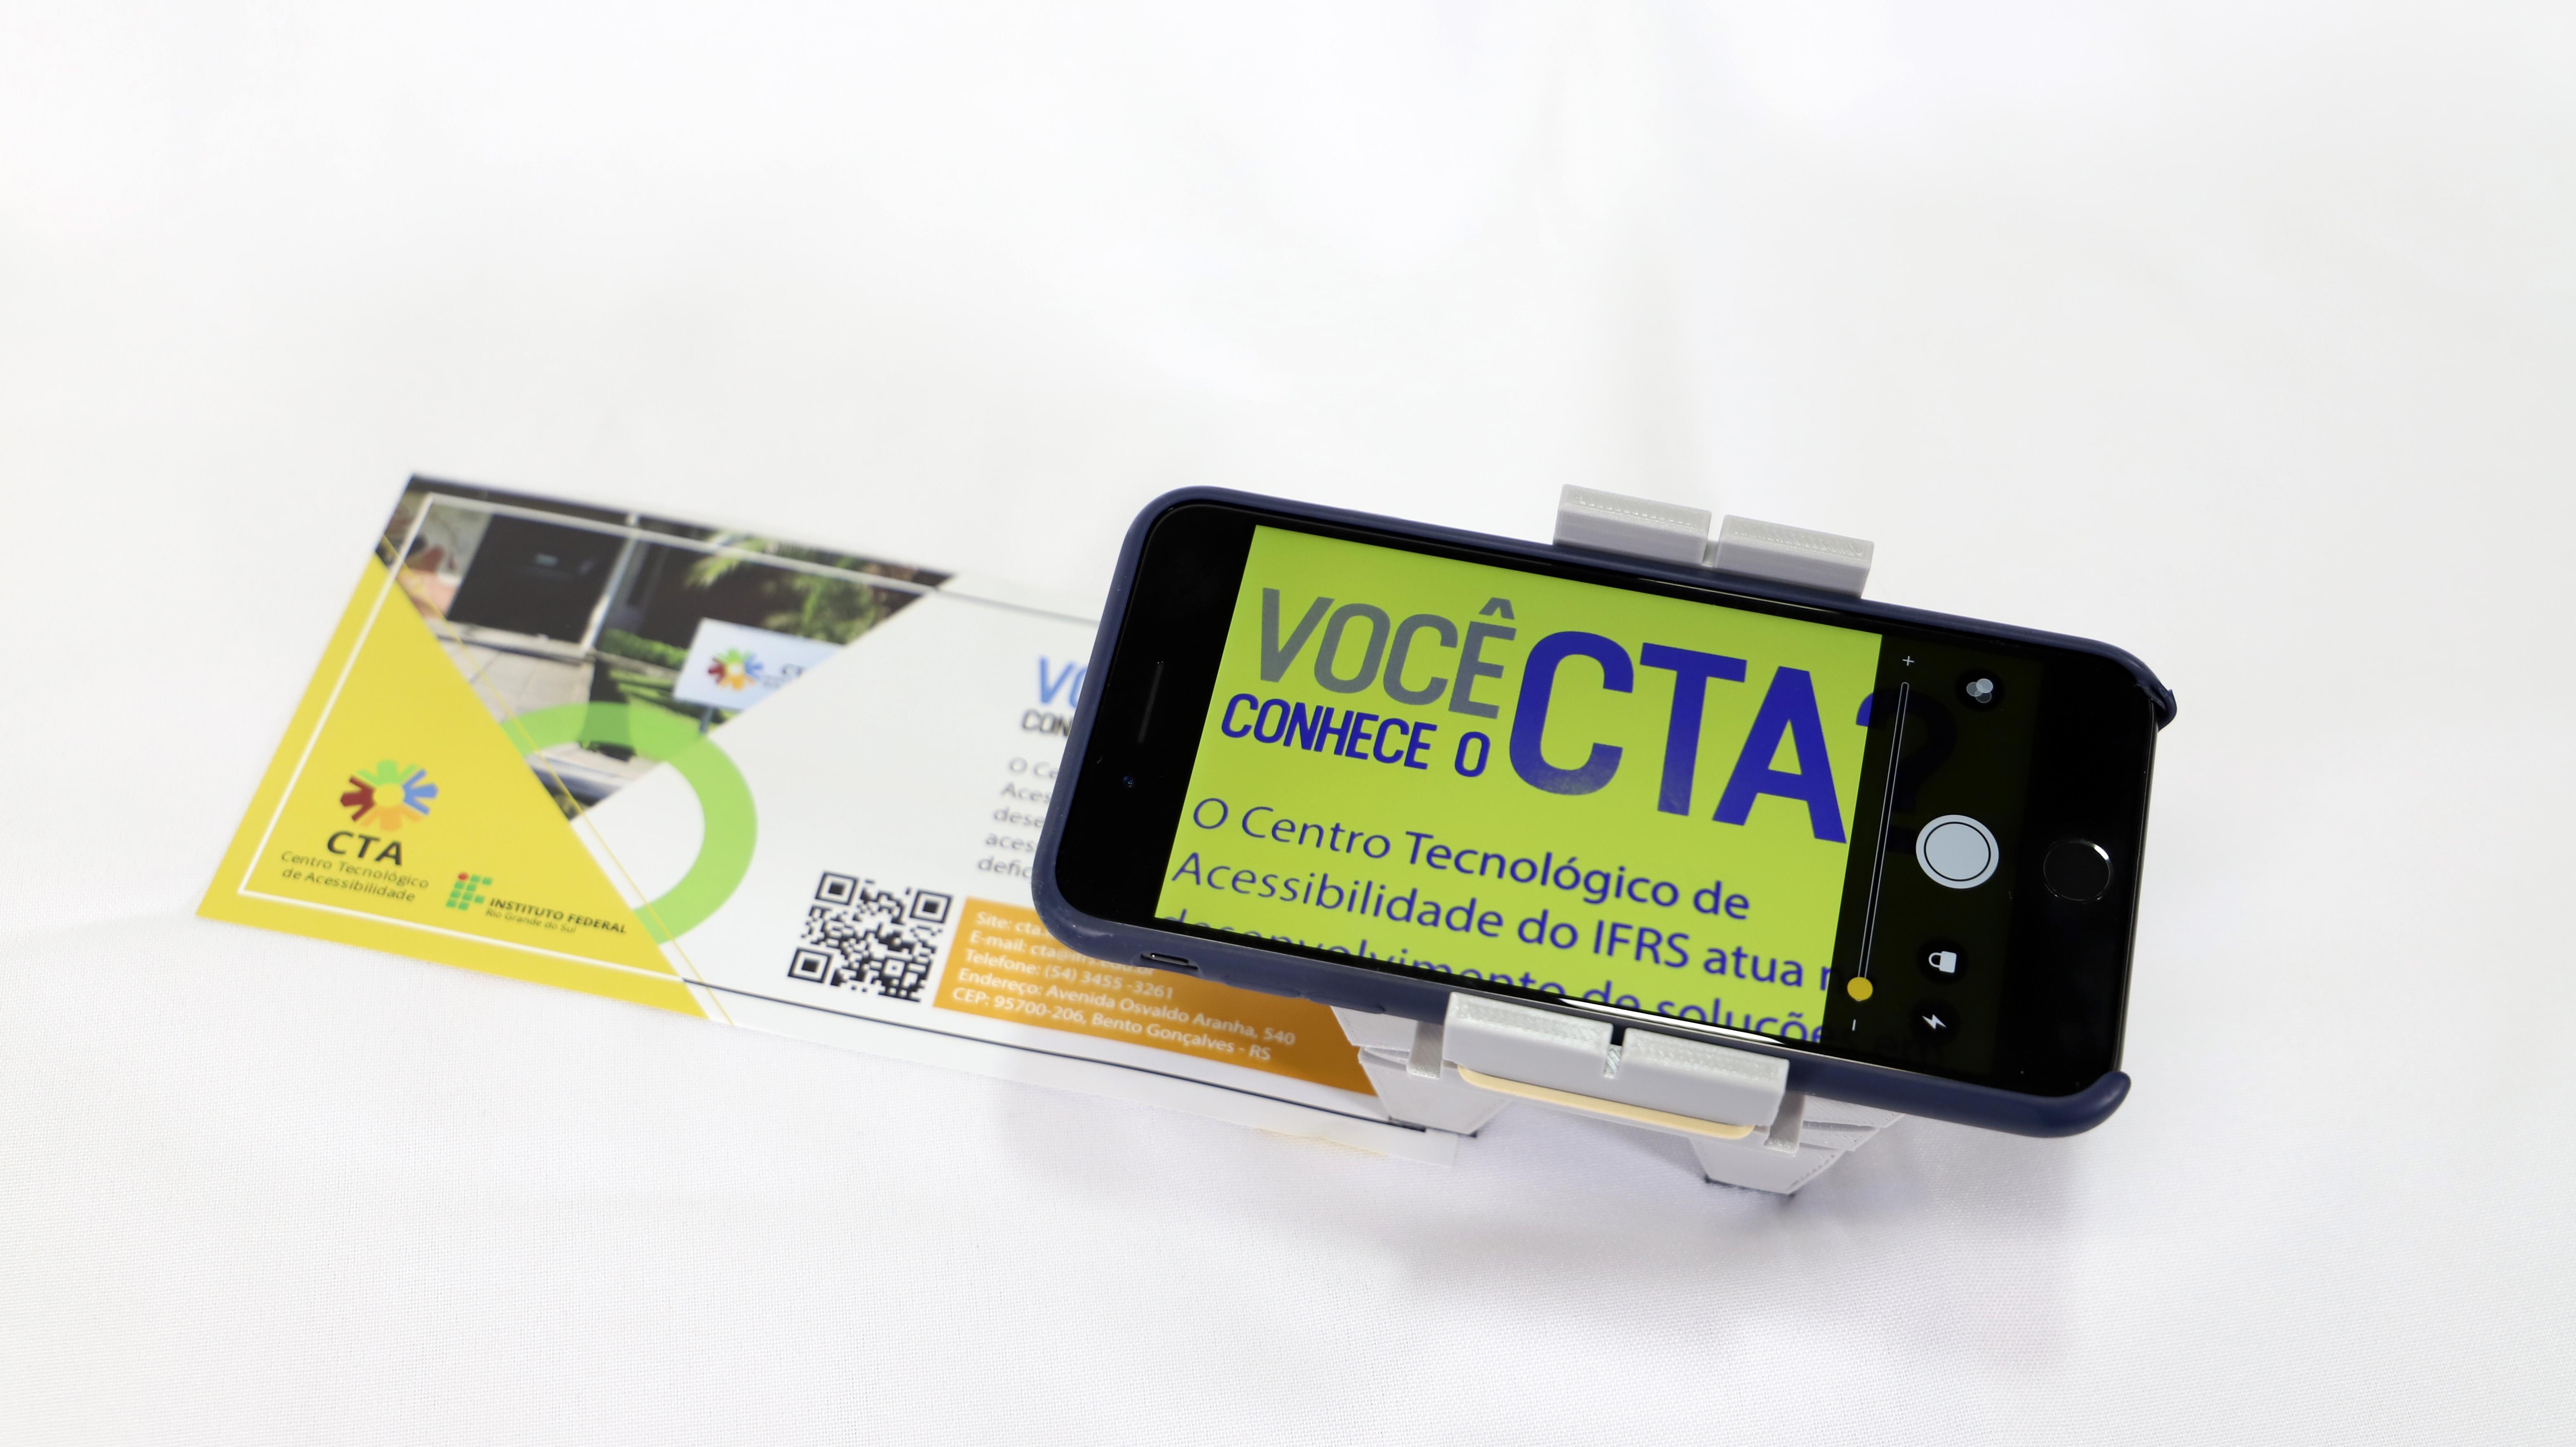 smartphone acoplado ao suporte, com lupa ativada no contraste de cores azul e amarelo